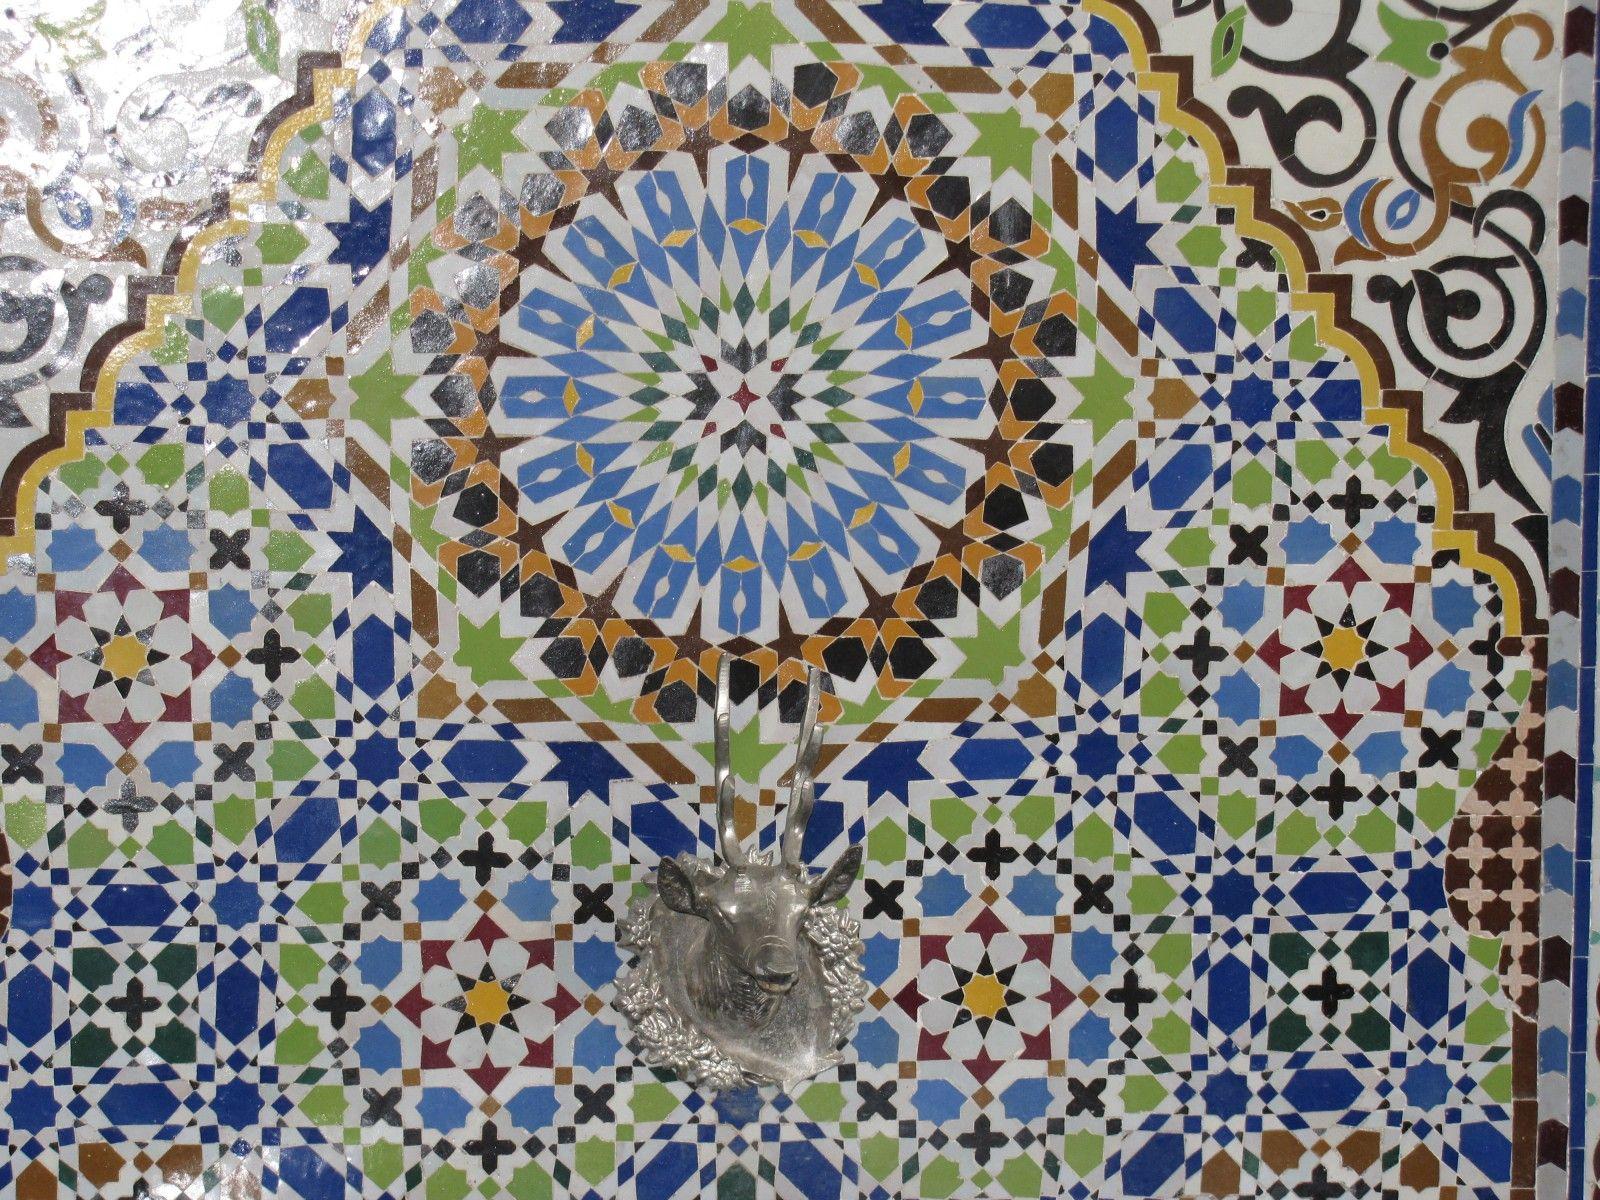 morocco - Google Search